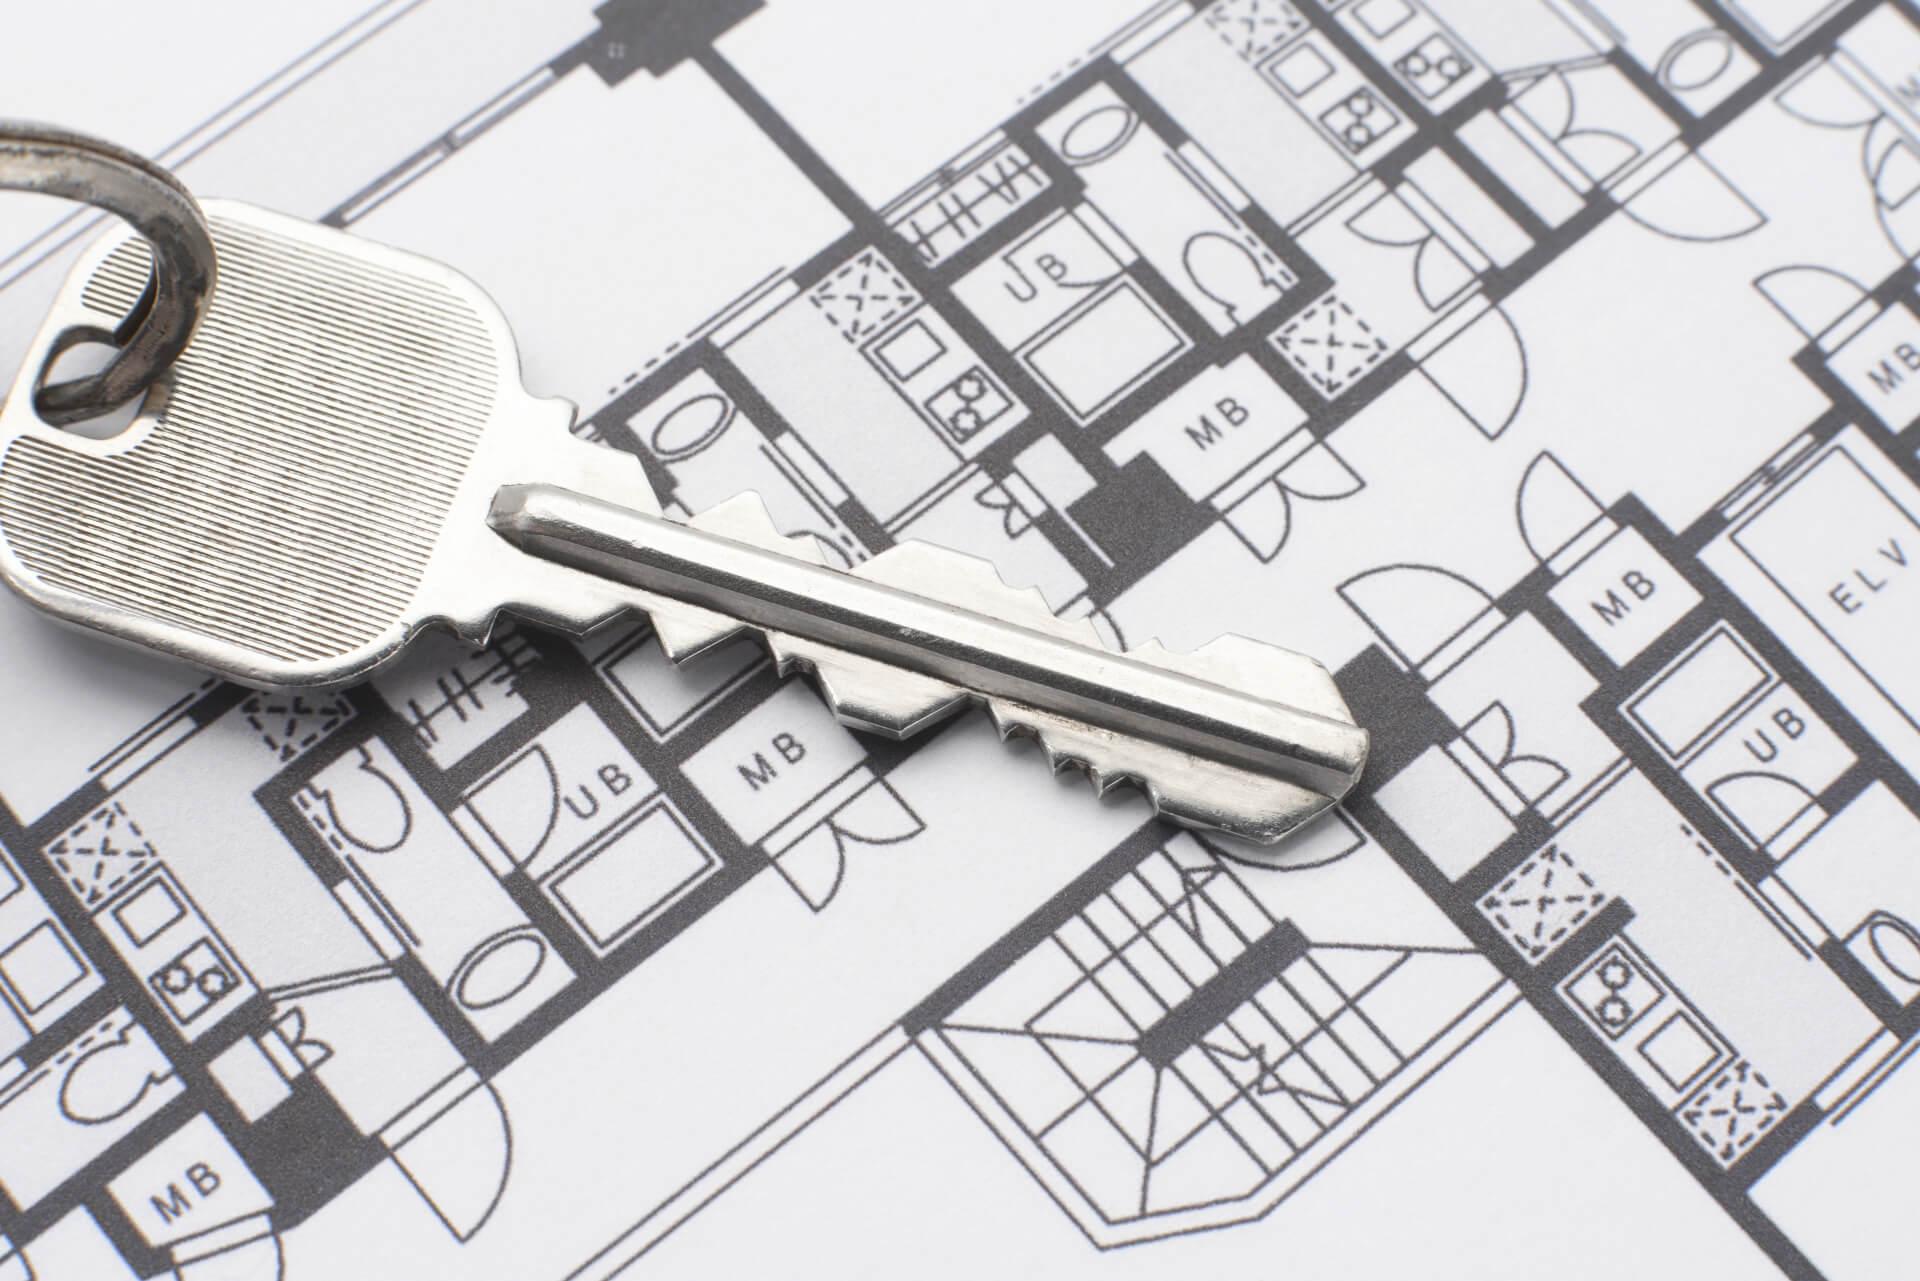 もしマンションの鍵をなくしたら。入居後のトラブルはどこに相談すればいい?